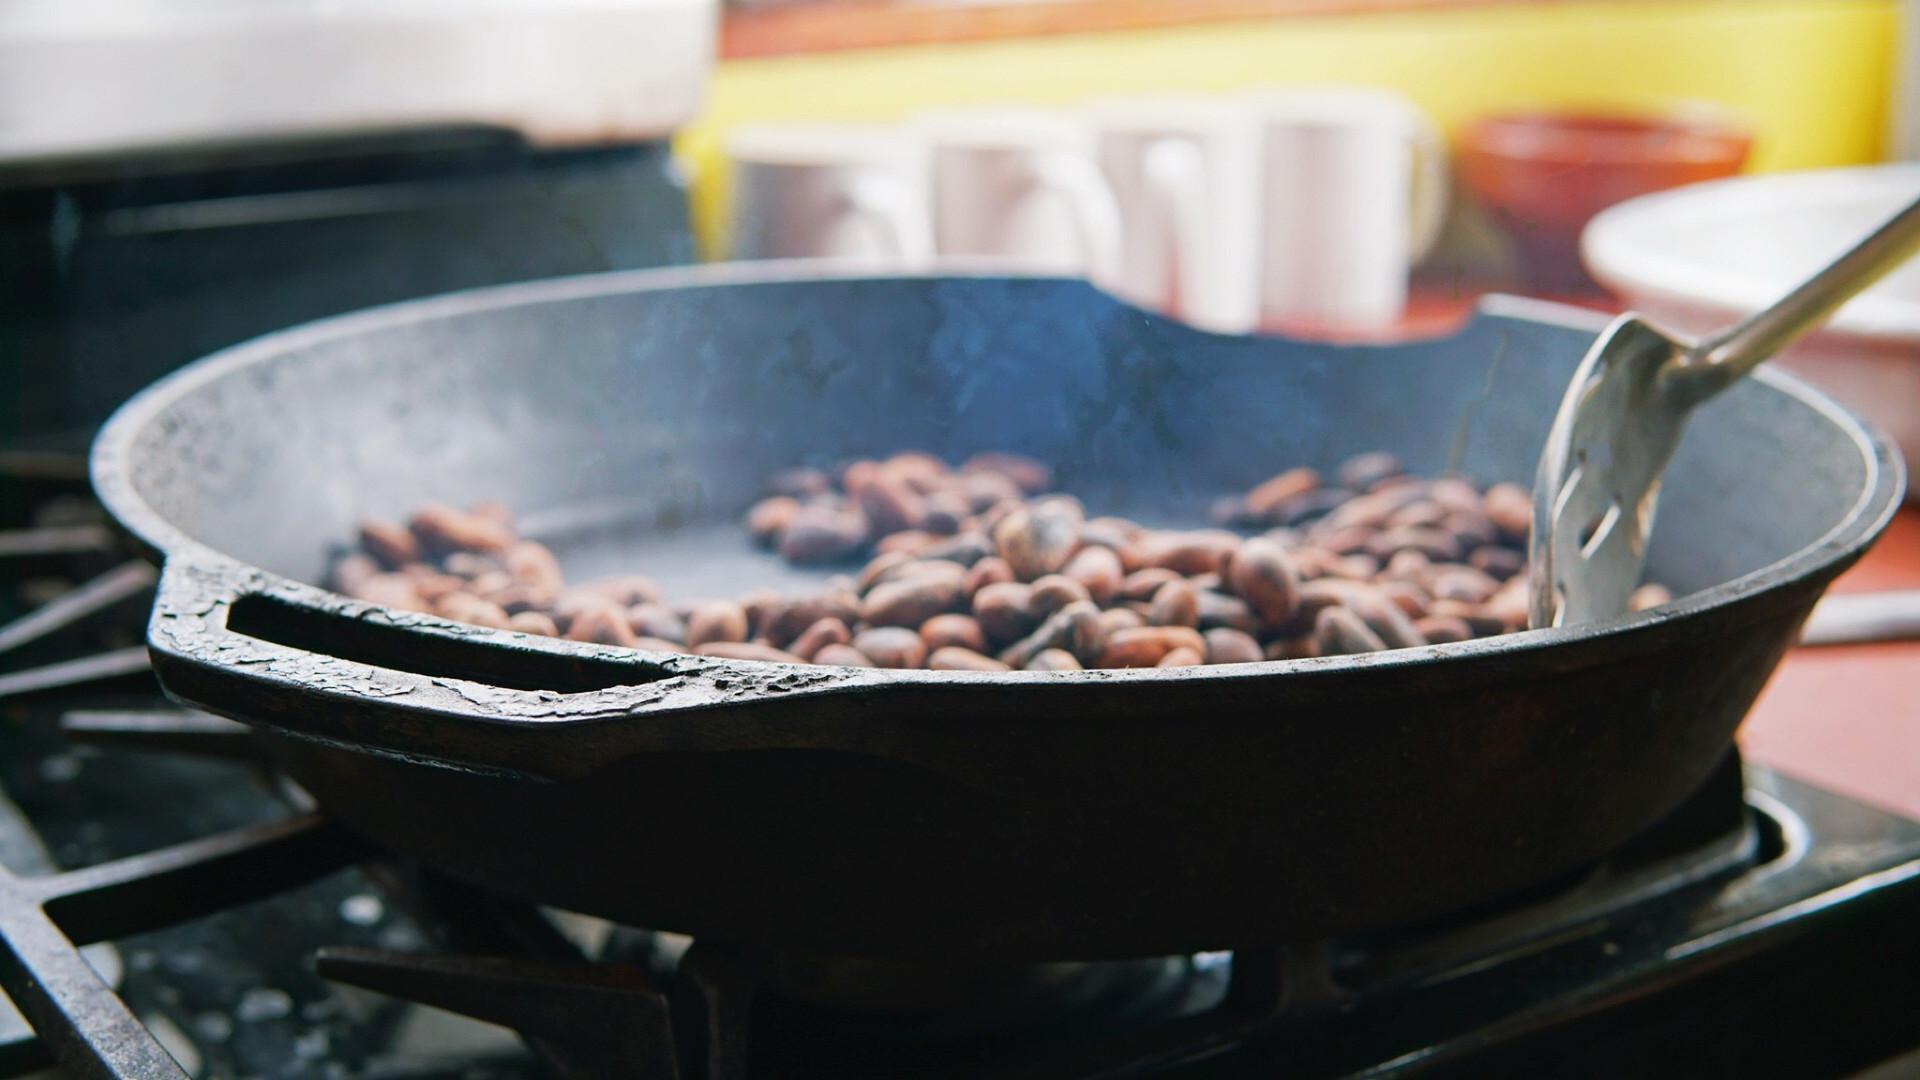 Utopia - Chocolate making